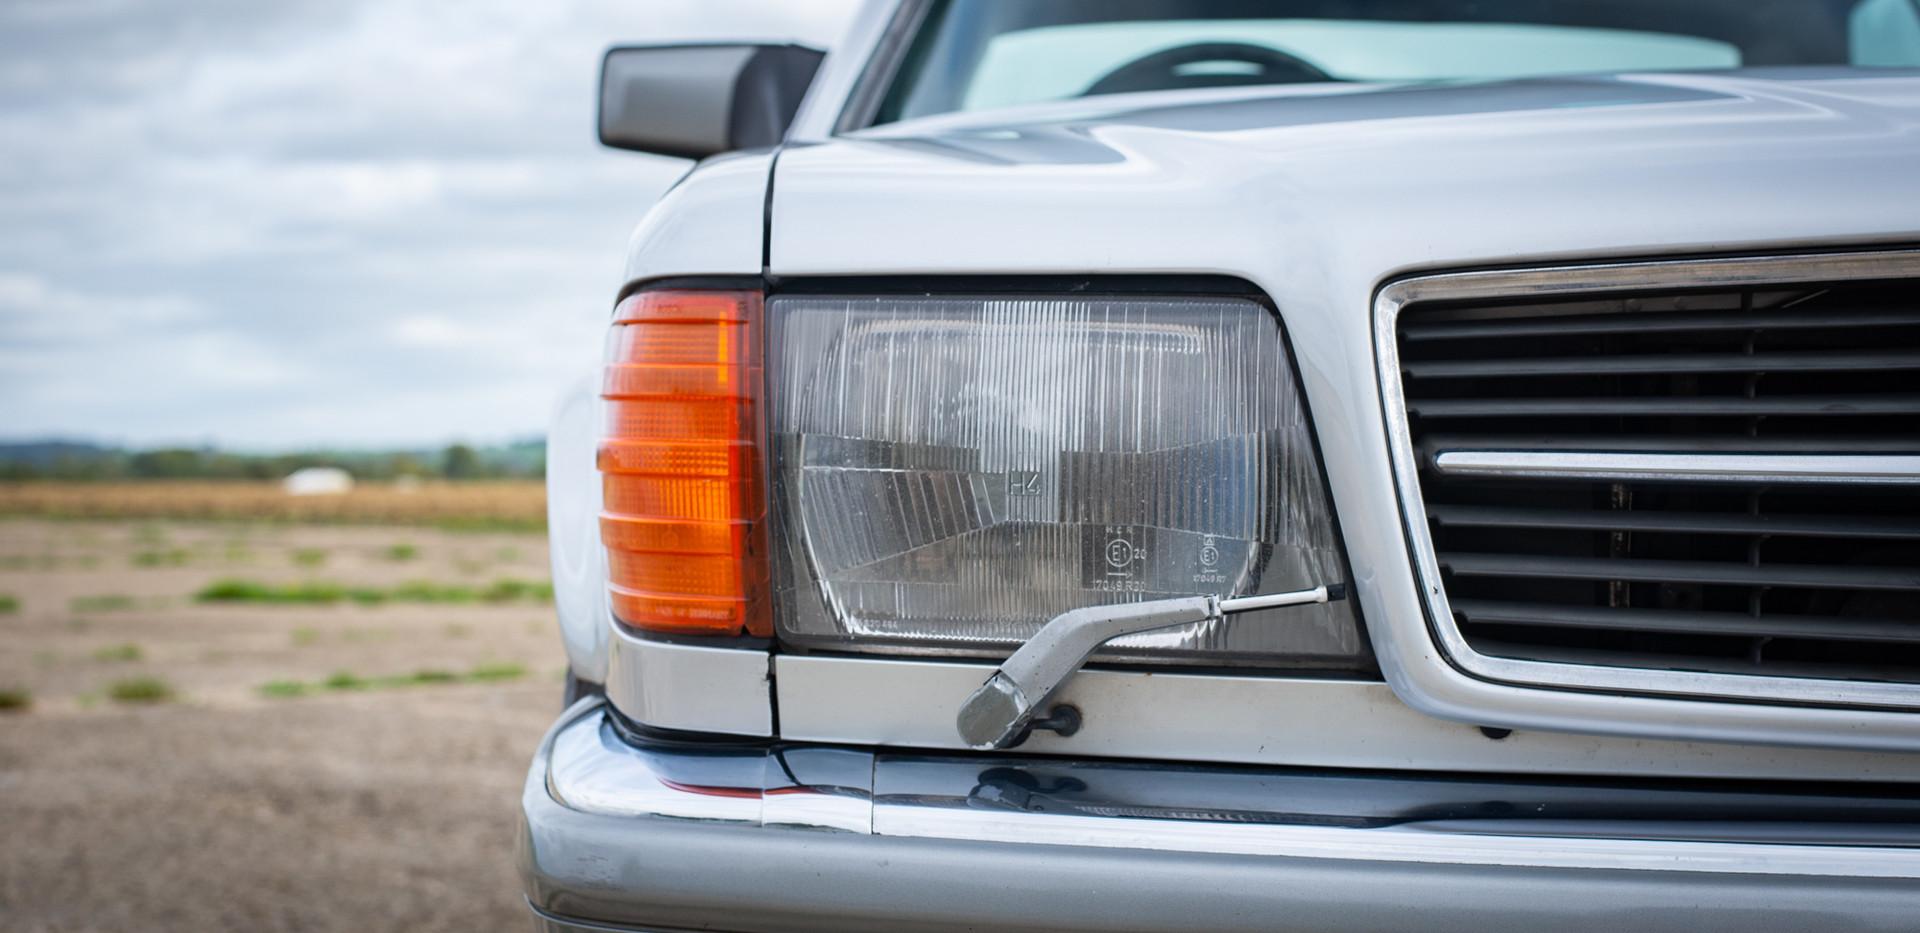 W126 420SEC - Uk for sale london-20.jpg